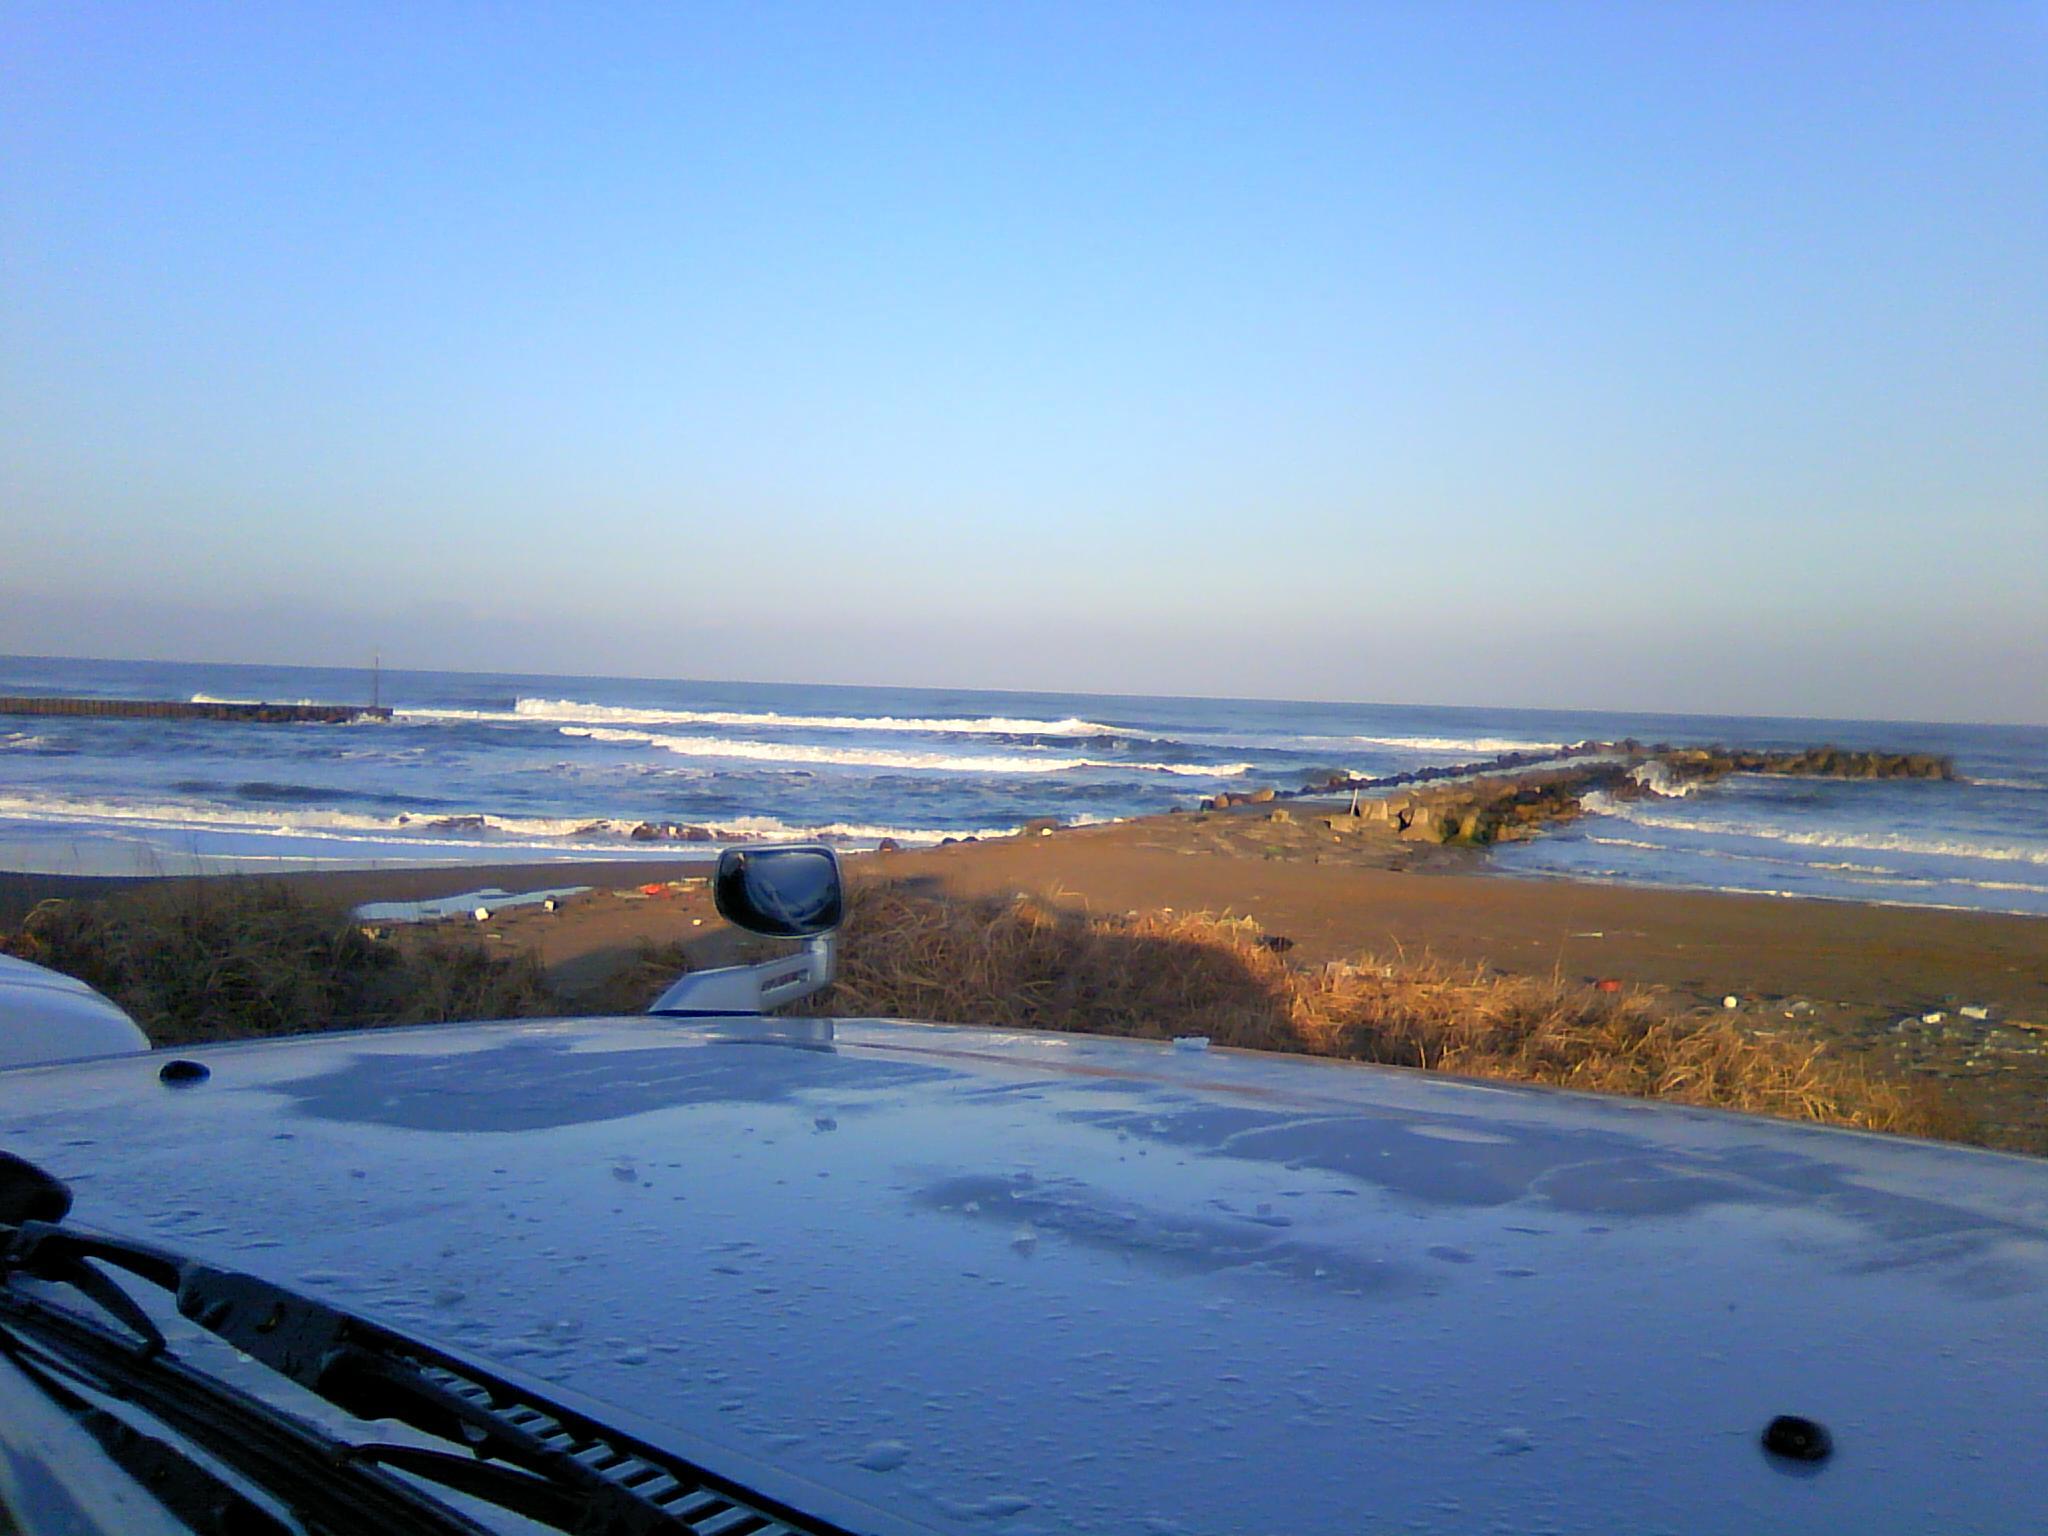 海2月21日(日)_b0112351_7365348.jpg